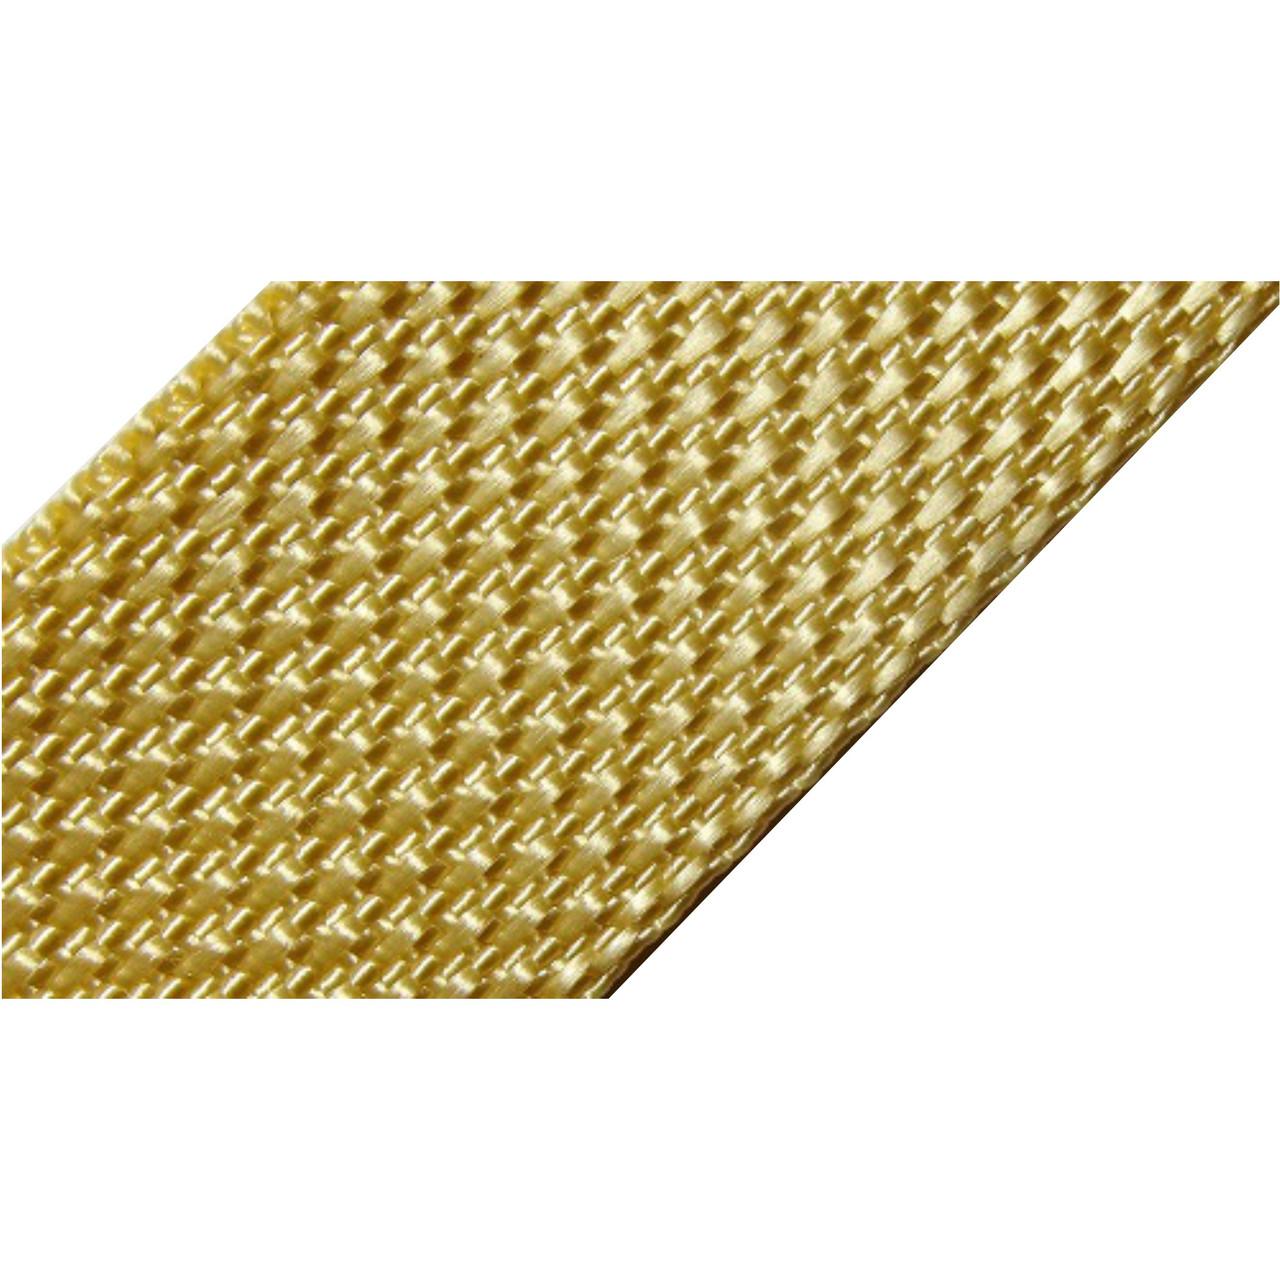 Лента ременная 100% Полипропилен 30мм цв бежевый (боб 50м) р 3264 Укр-з